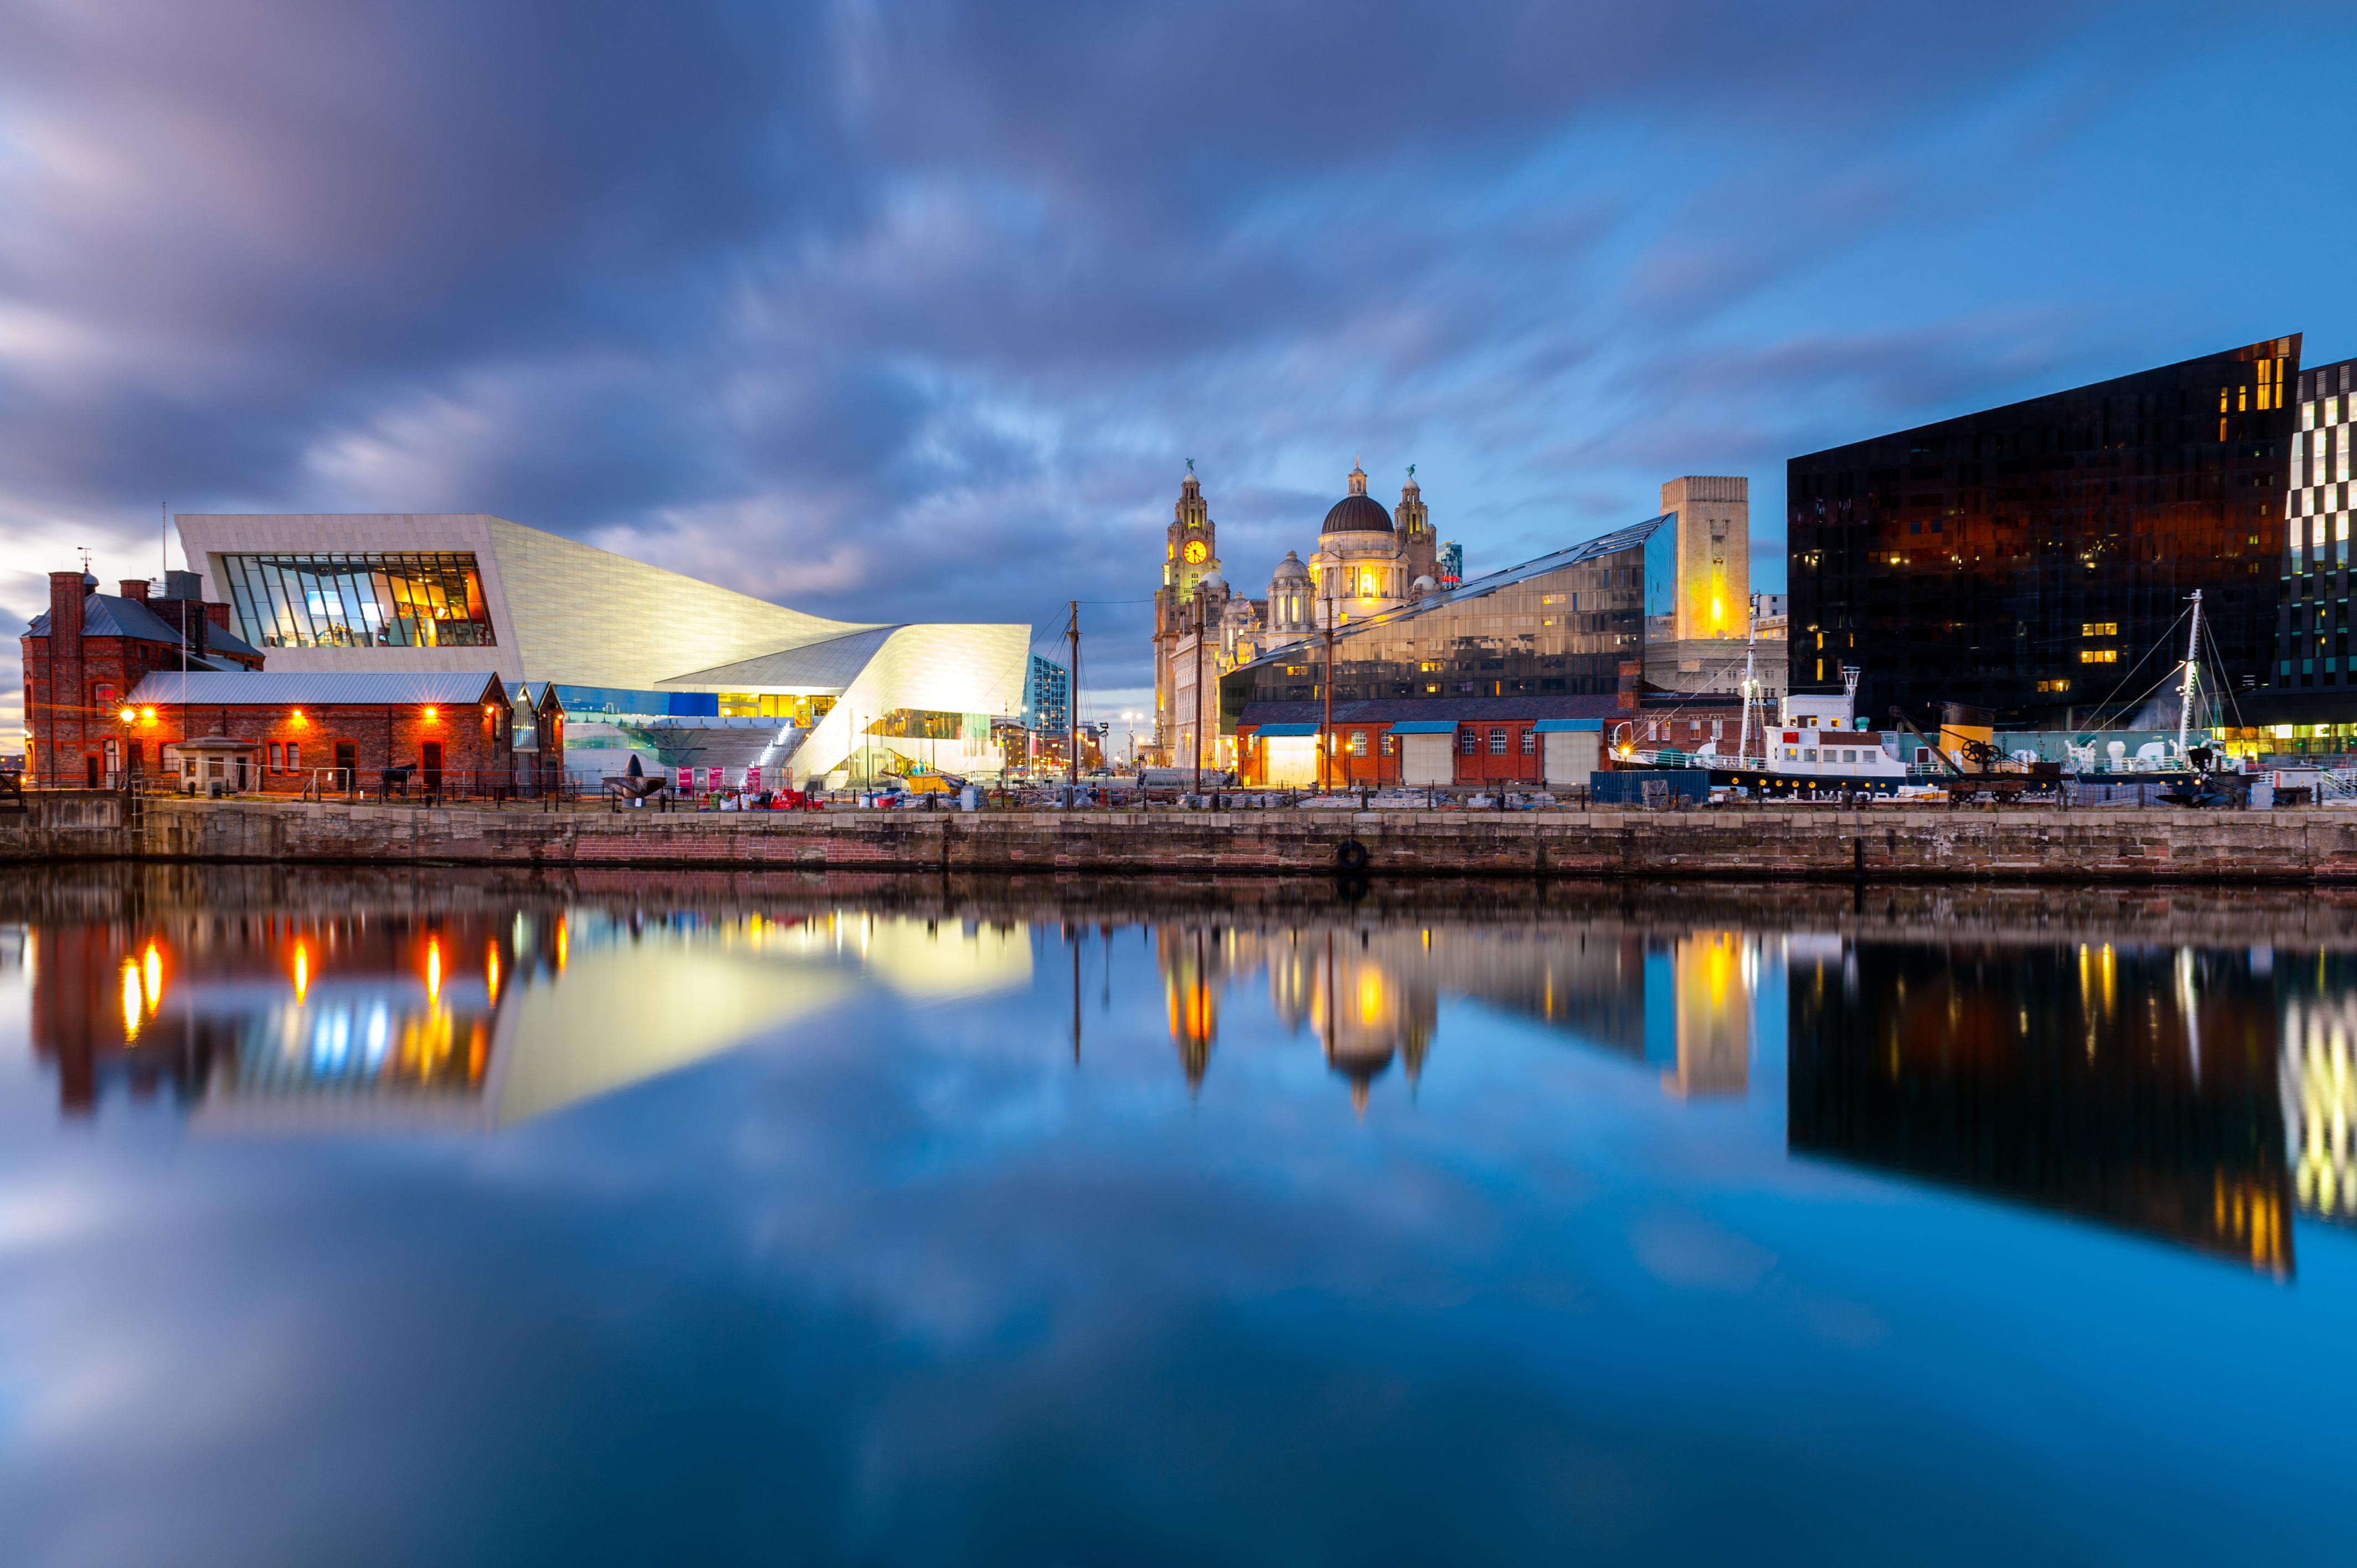 Visita el Albert Dock, la puerta de Liverpool hacia el Nuevo Mundo - Inglaterra Circuito Todo Inglaterra: de York a Londres